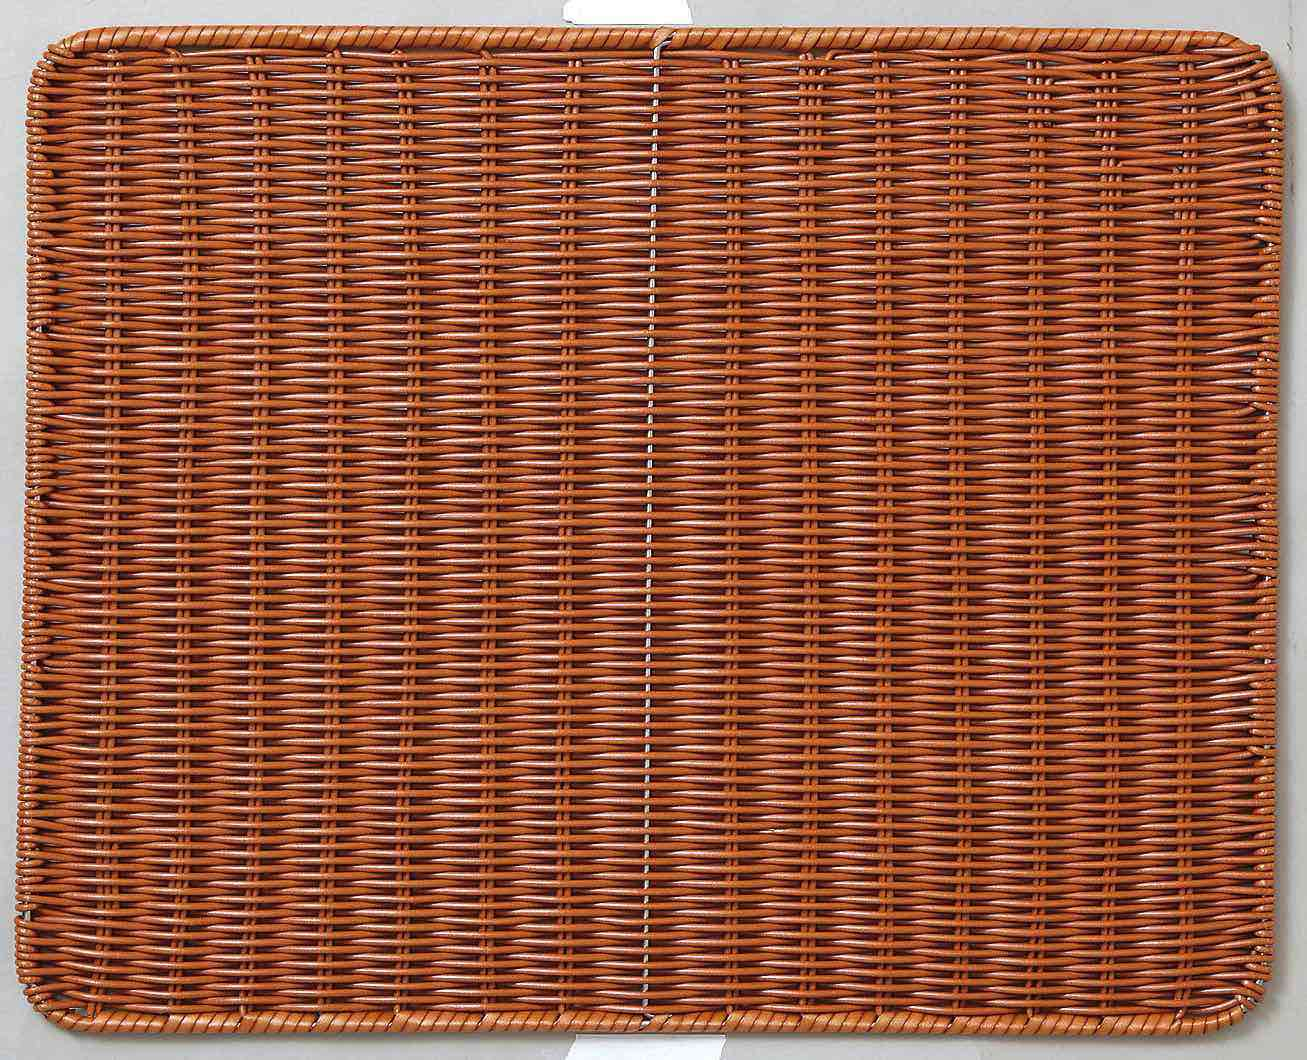 樹脂すのこ角型4030(ブラウン)